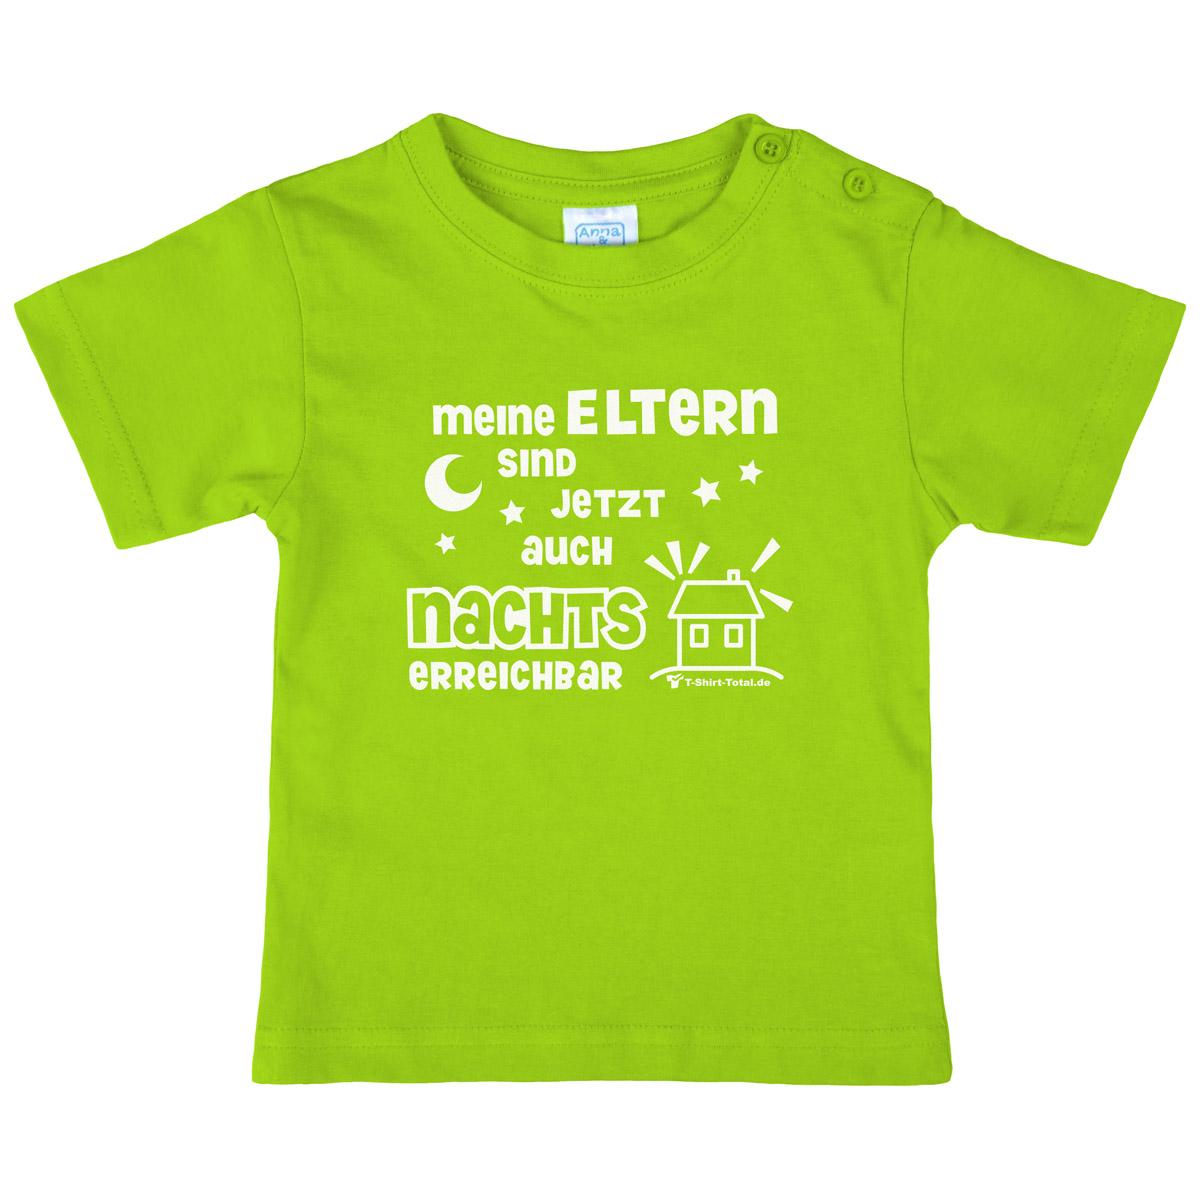 Full Size of Coole T Shirt Sprüche Meine Eltern Sind Jetzt Auch Nachts Erreichbar T Shirt Totalde Wandtattoo Lustige Jutebeutel Wandtattoos Junggesellenabschied Küche Coole T Shirt Sprüche